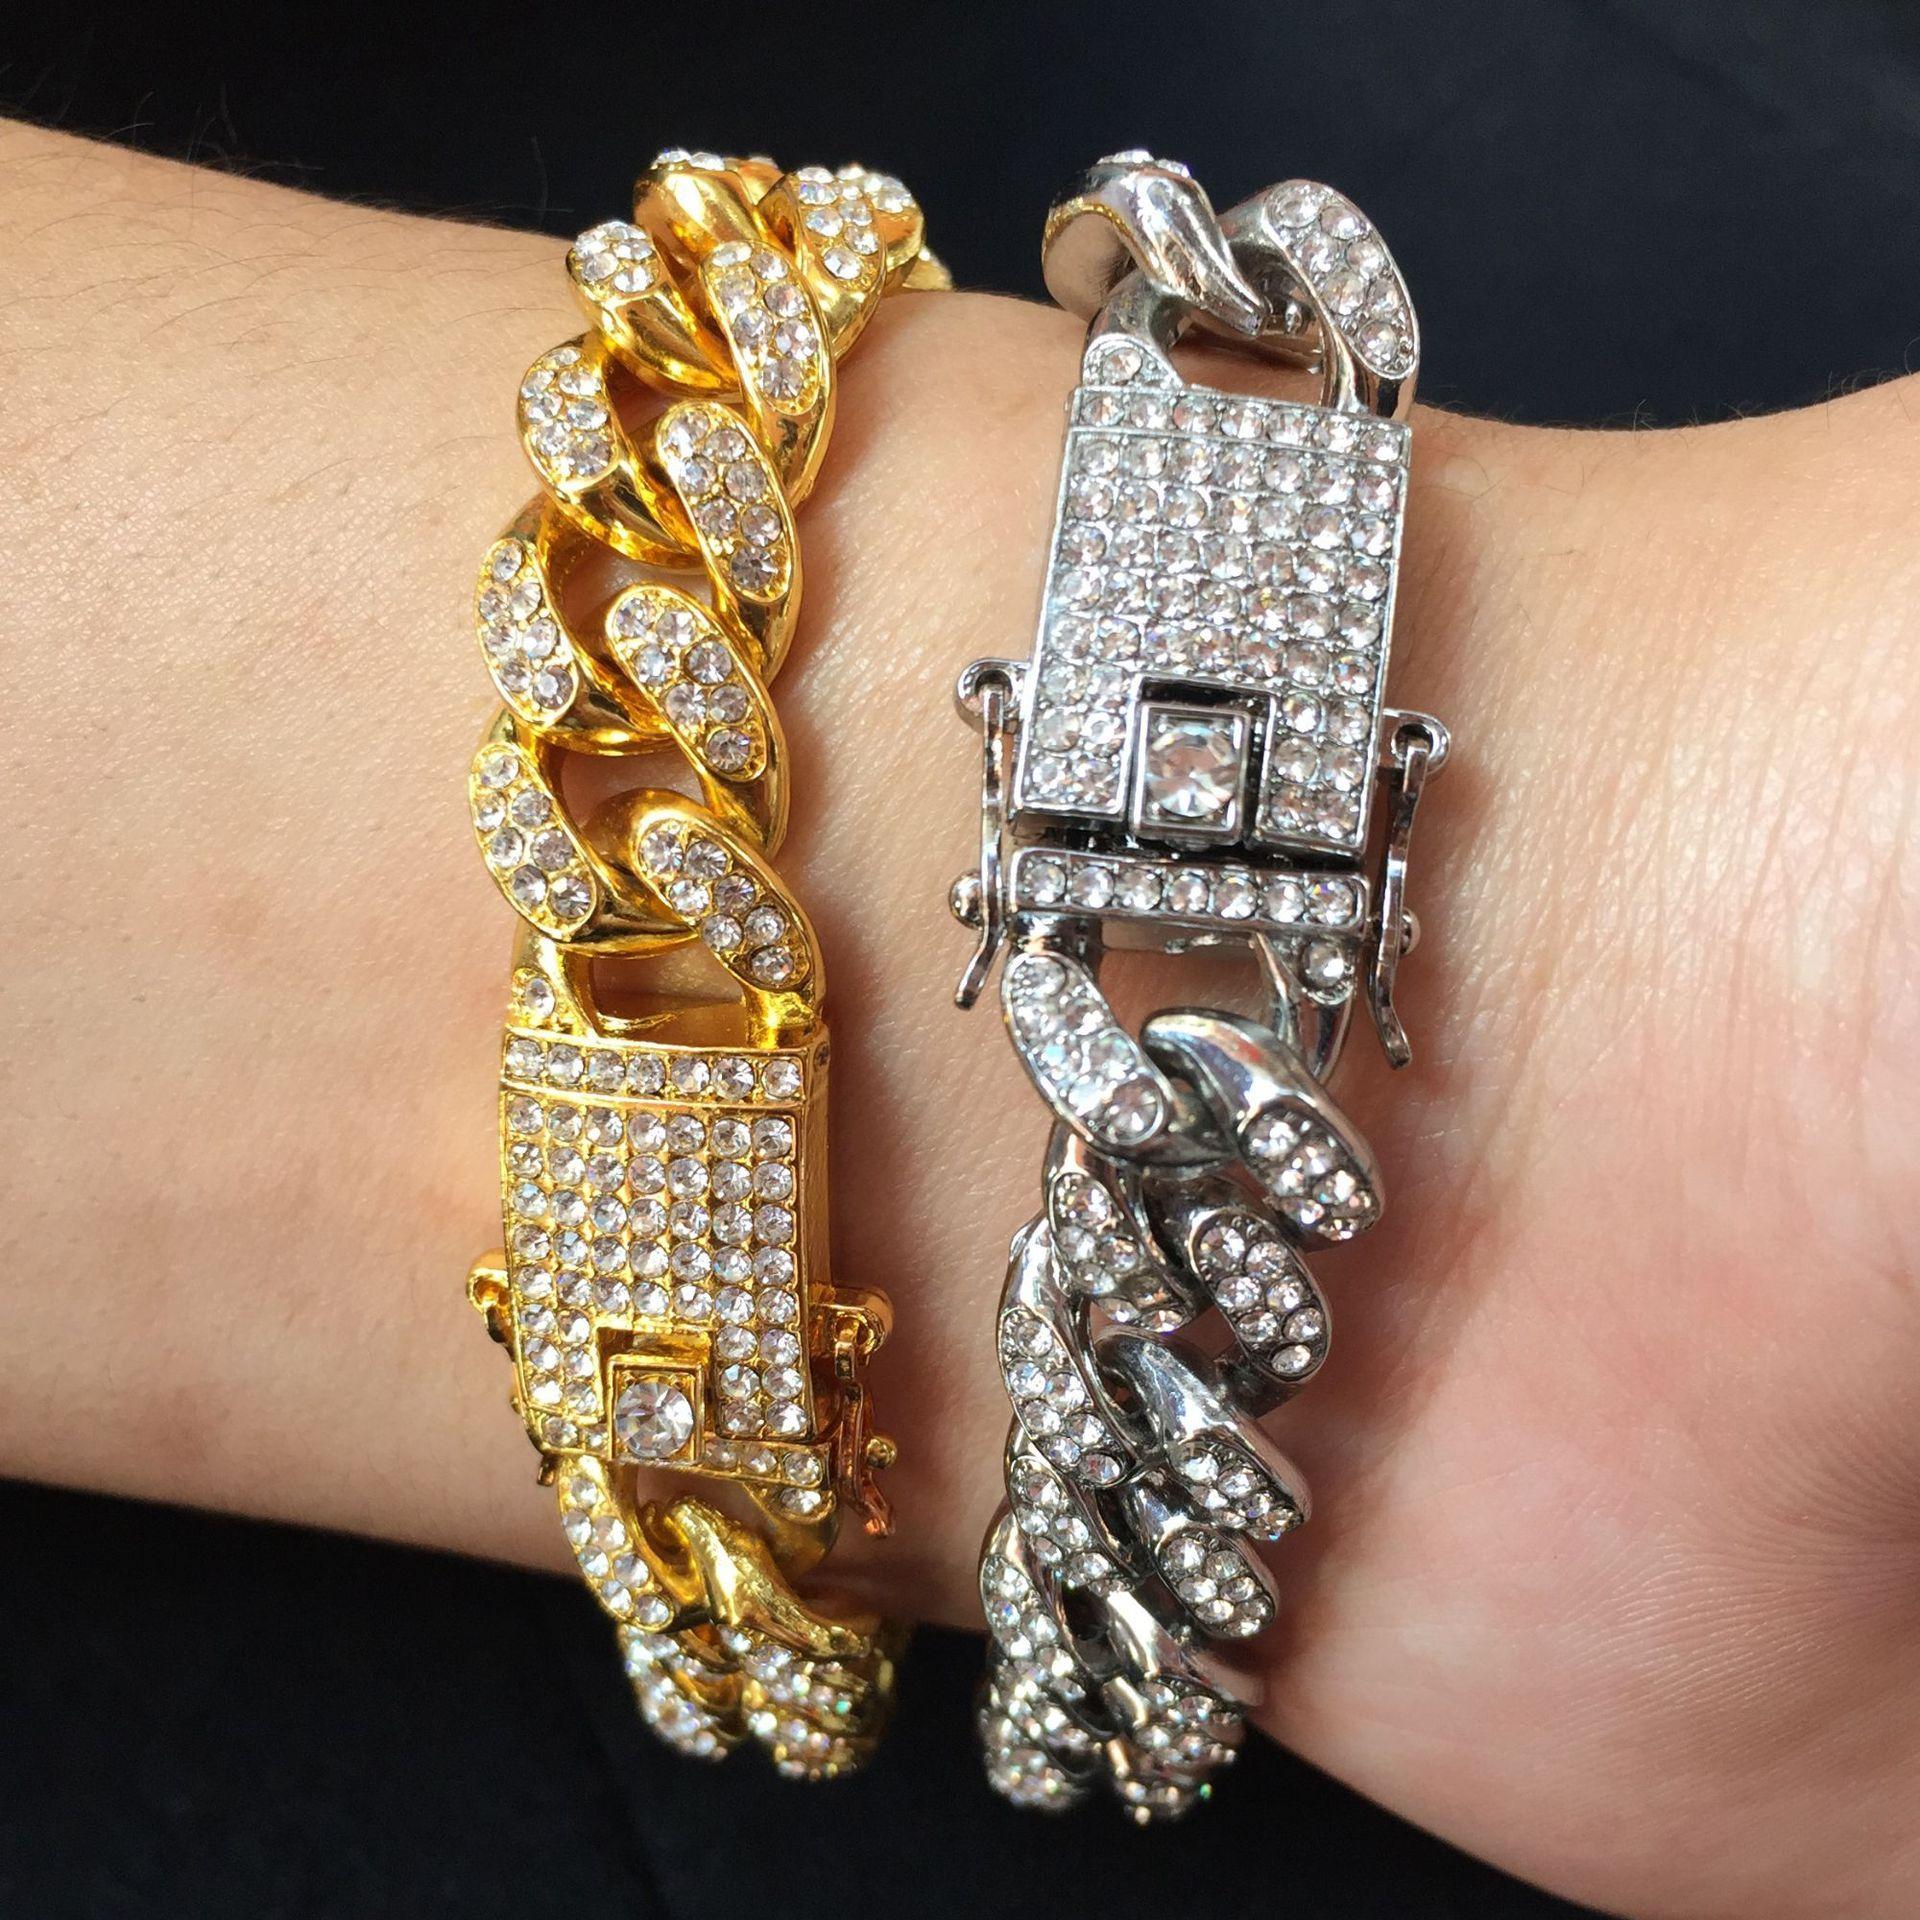 Мужские хип-хоп Золотые браслеты Ювелирные Изделия Cyded Out Цепочка Браслеты Розовое Золото Серебро Майами Кубинская Ссылка Ссылка Браслет